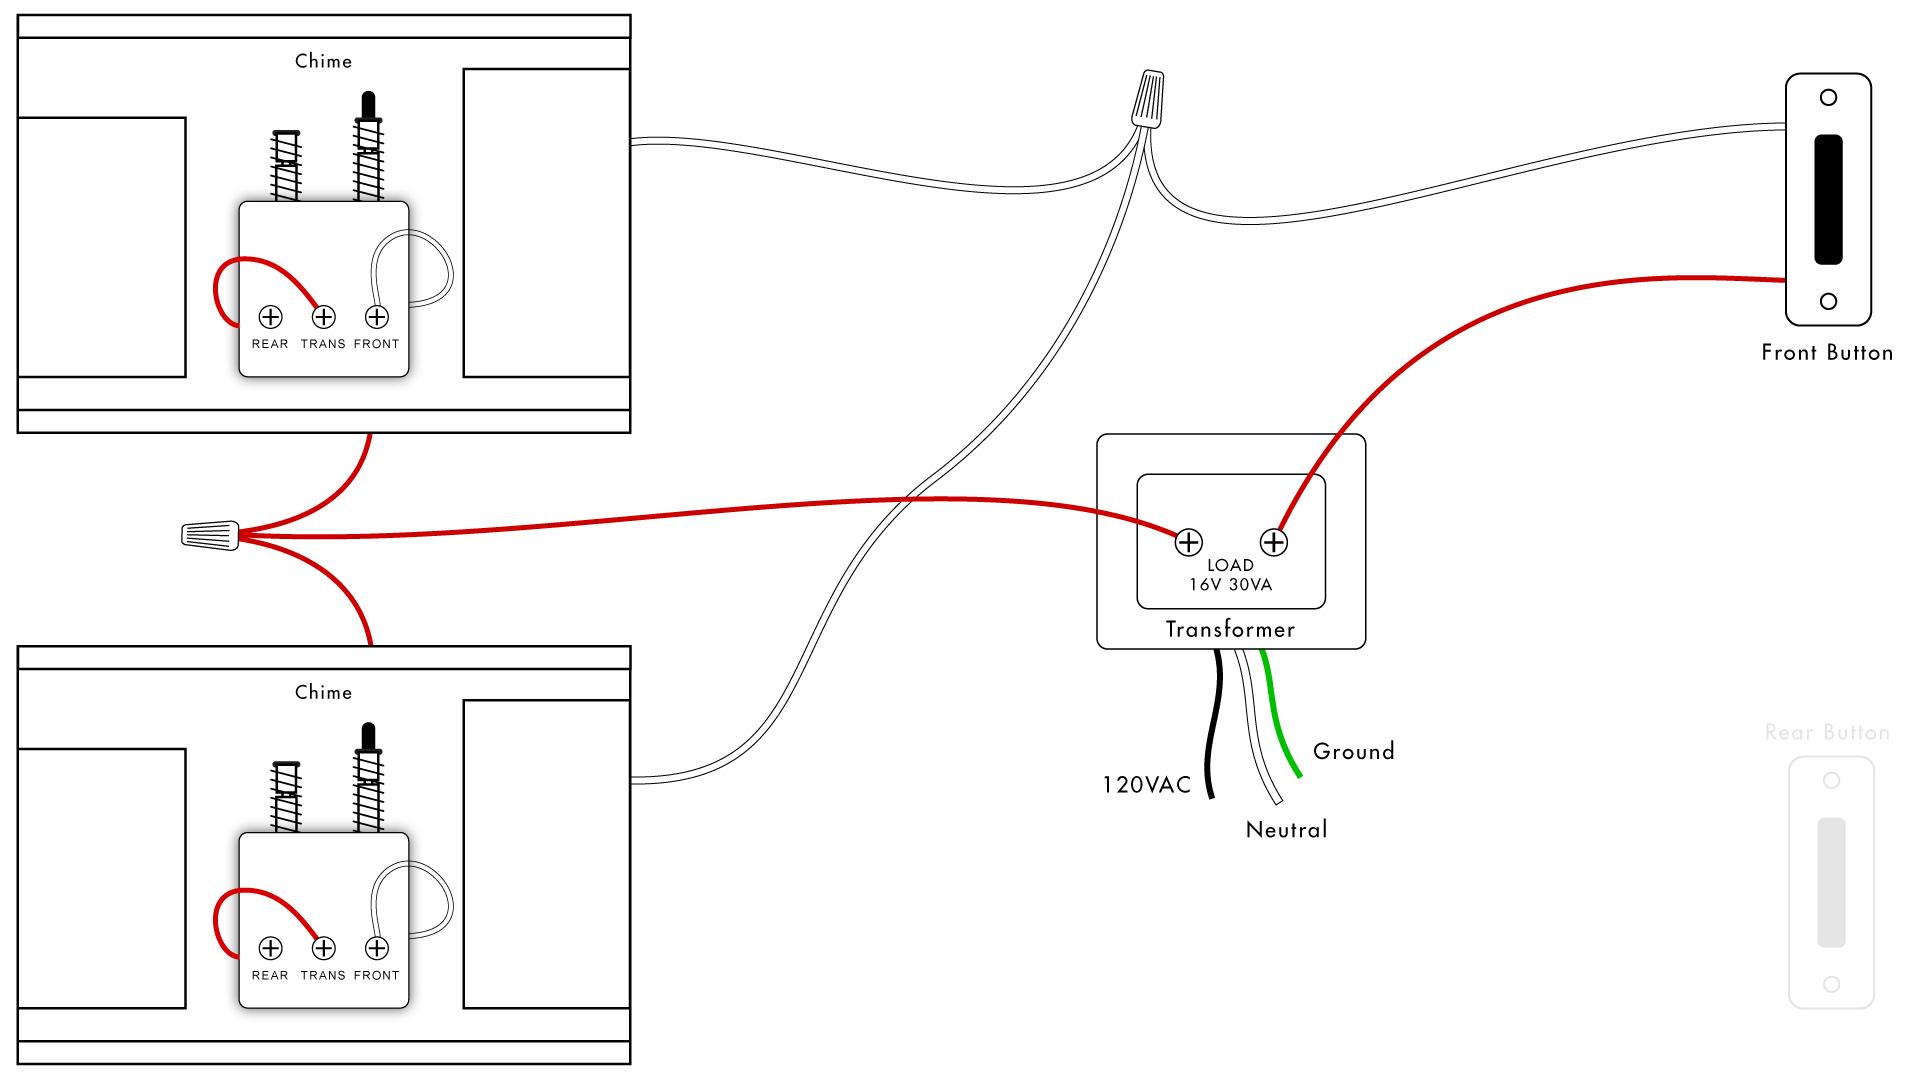 Doorbell Wiring Diagrams   Diy House Help - Doorbell Wiring Diagram Tutorial